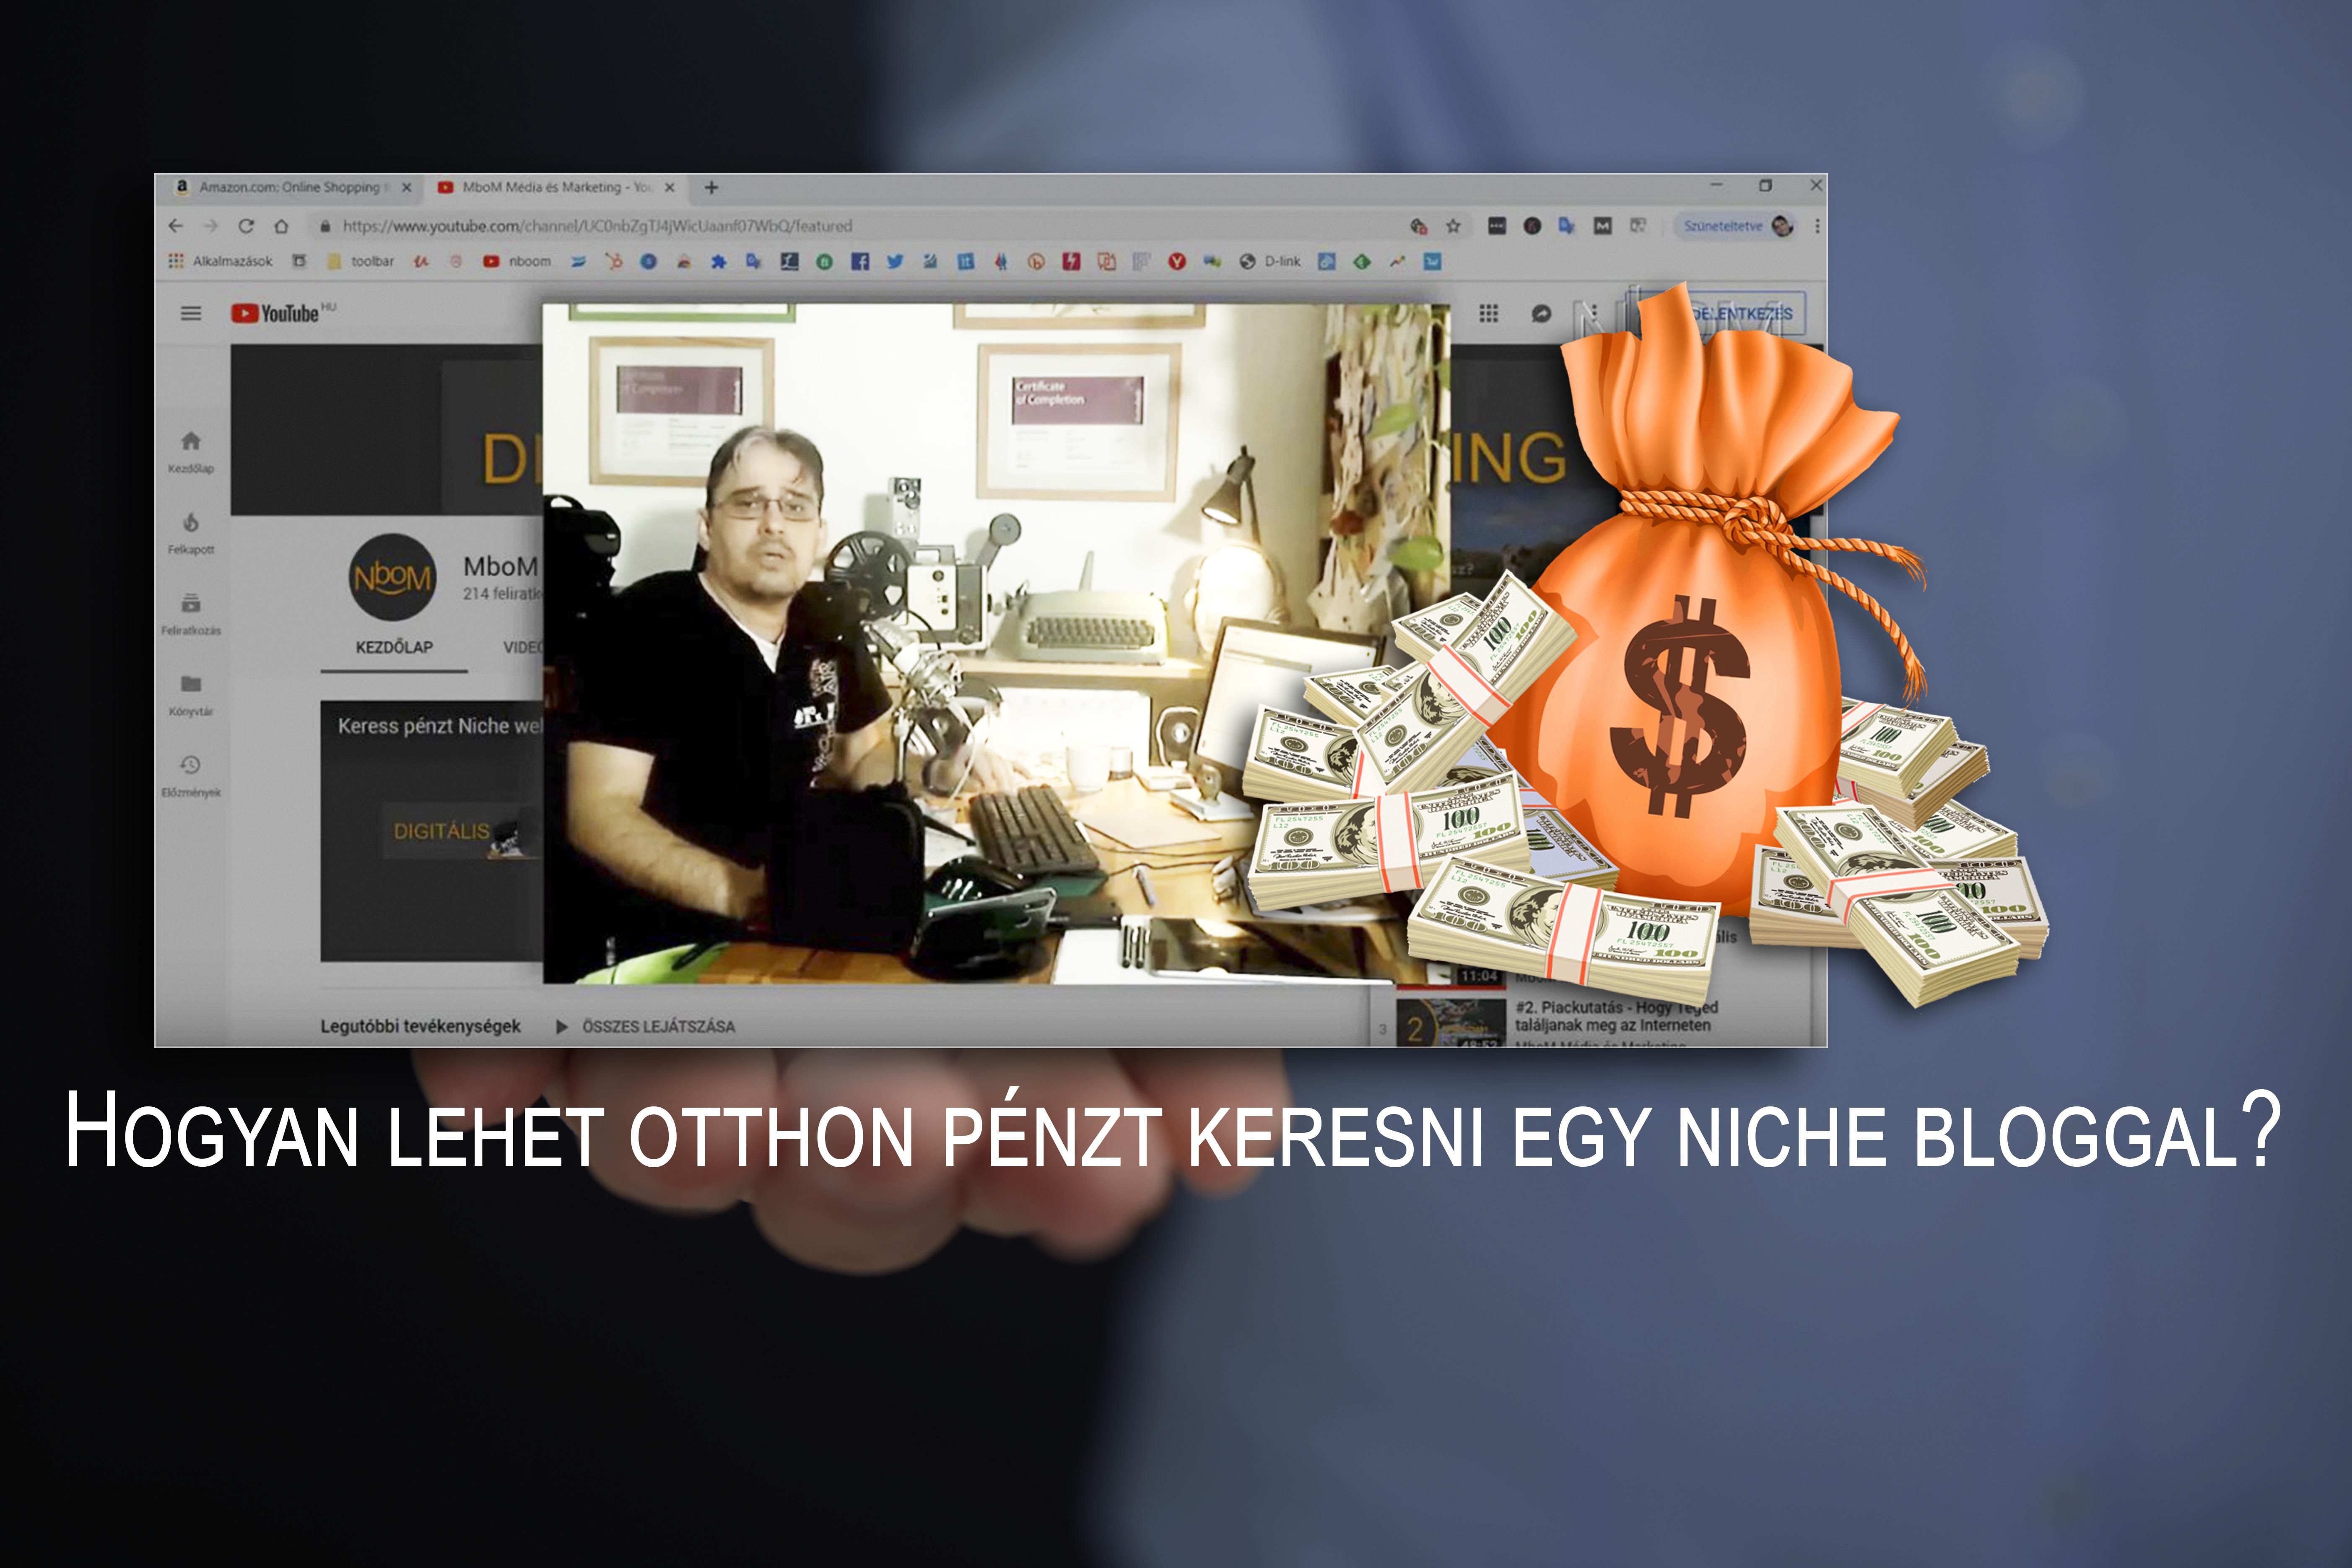 kap pénzt az interneten np steam